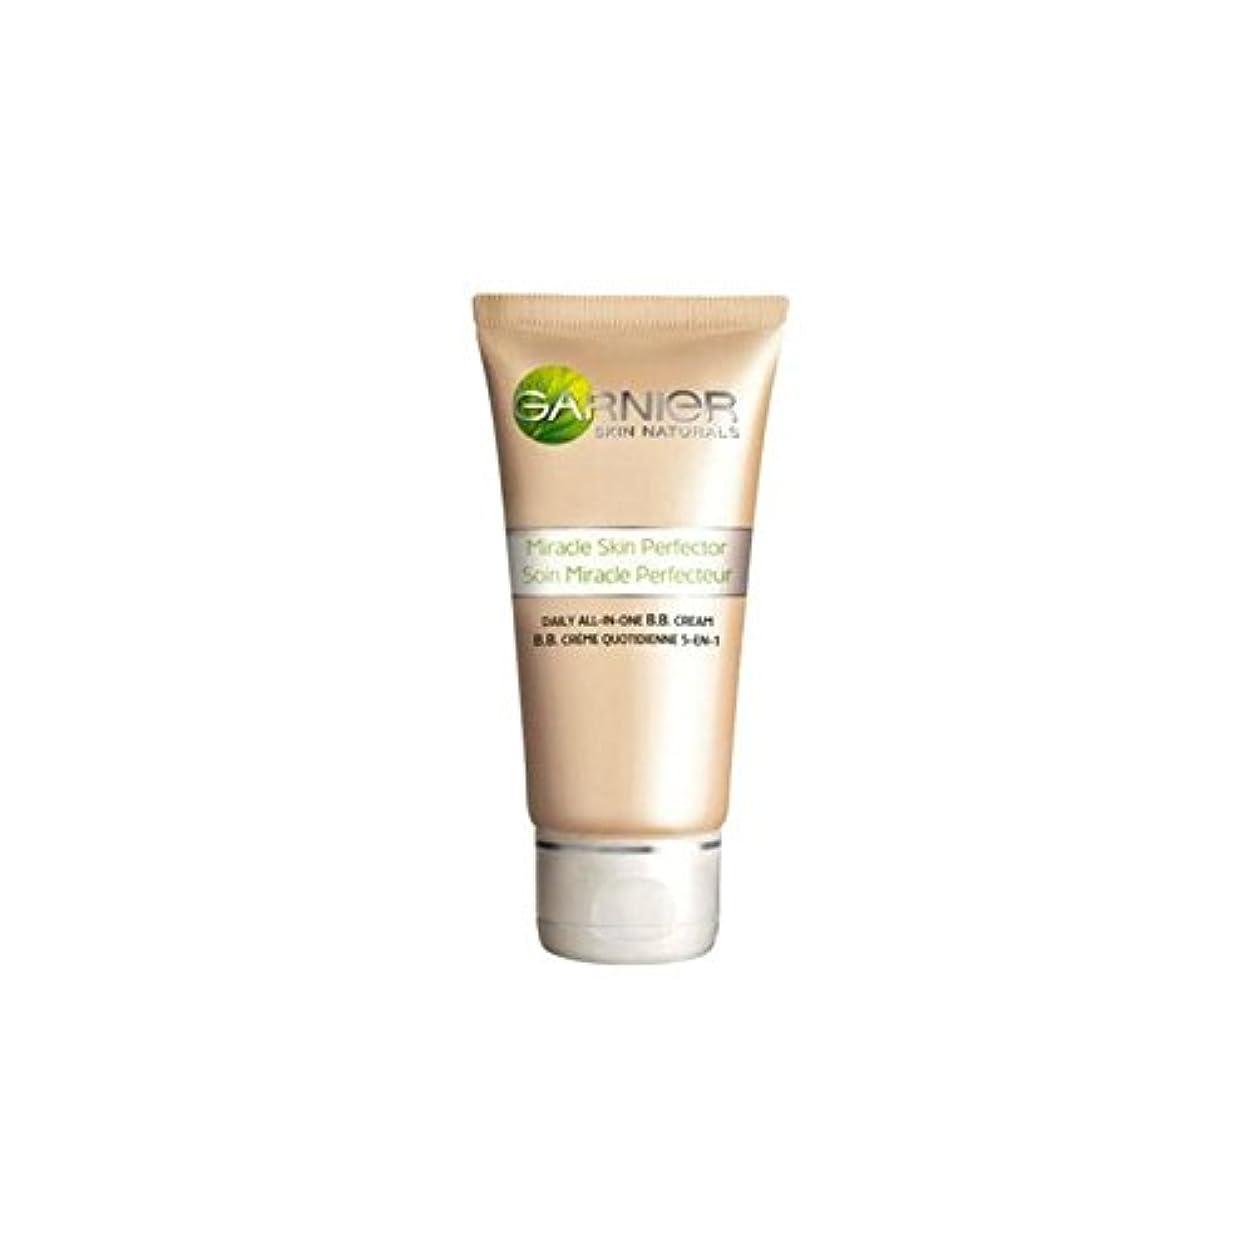 ホイットニー合計インテリアGarnier Original Medium Bb Cream (50ml) (Pack of 6) - ガルニエオリジナル媒体クリーム(50)中 x6 [並行輸入品]